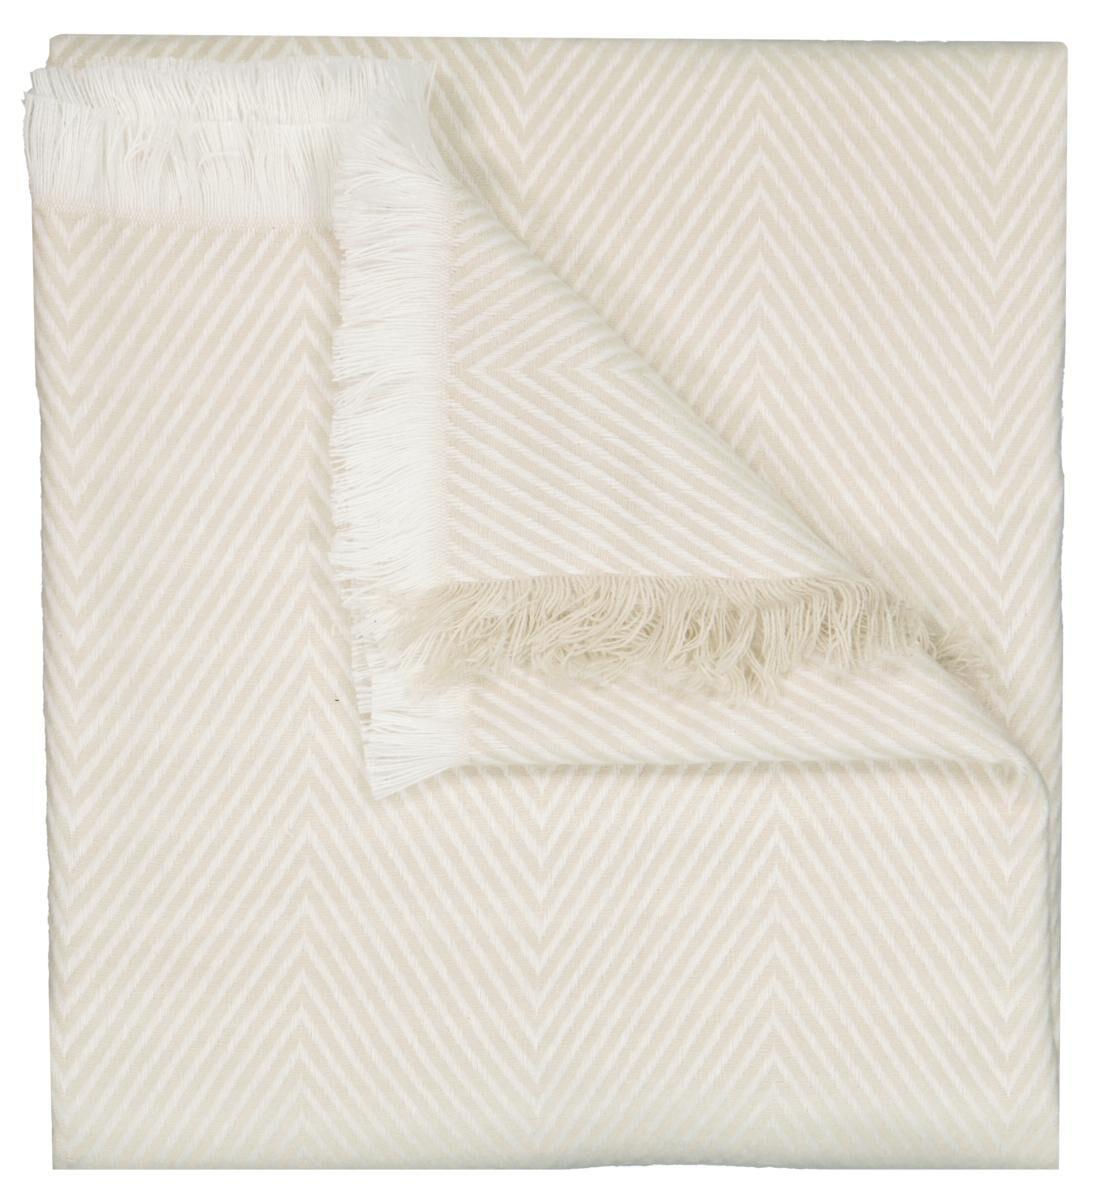 HEMA Plaid 130x150 Zigzag Crème/wit